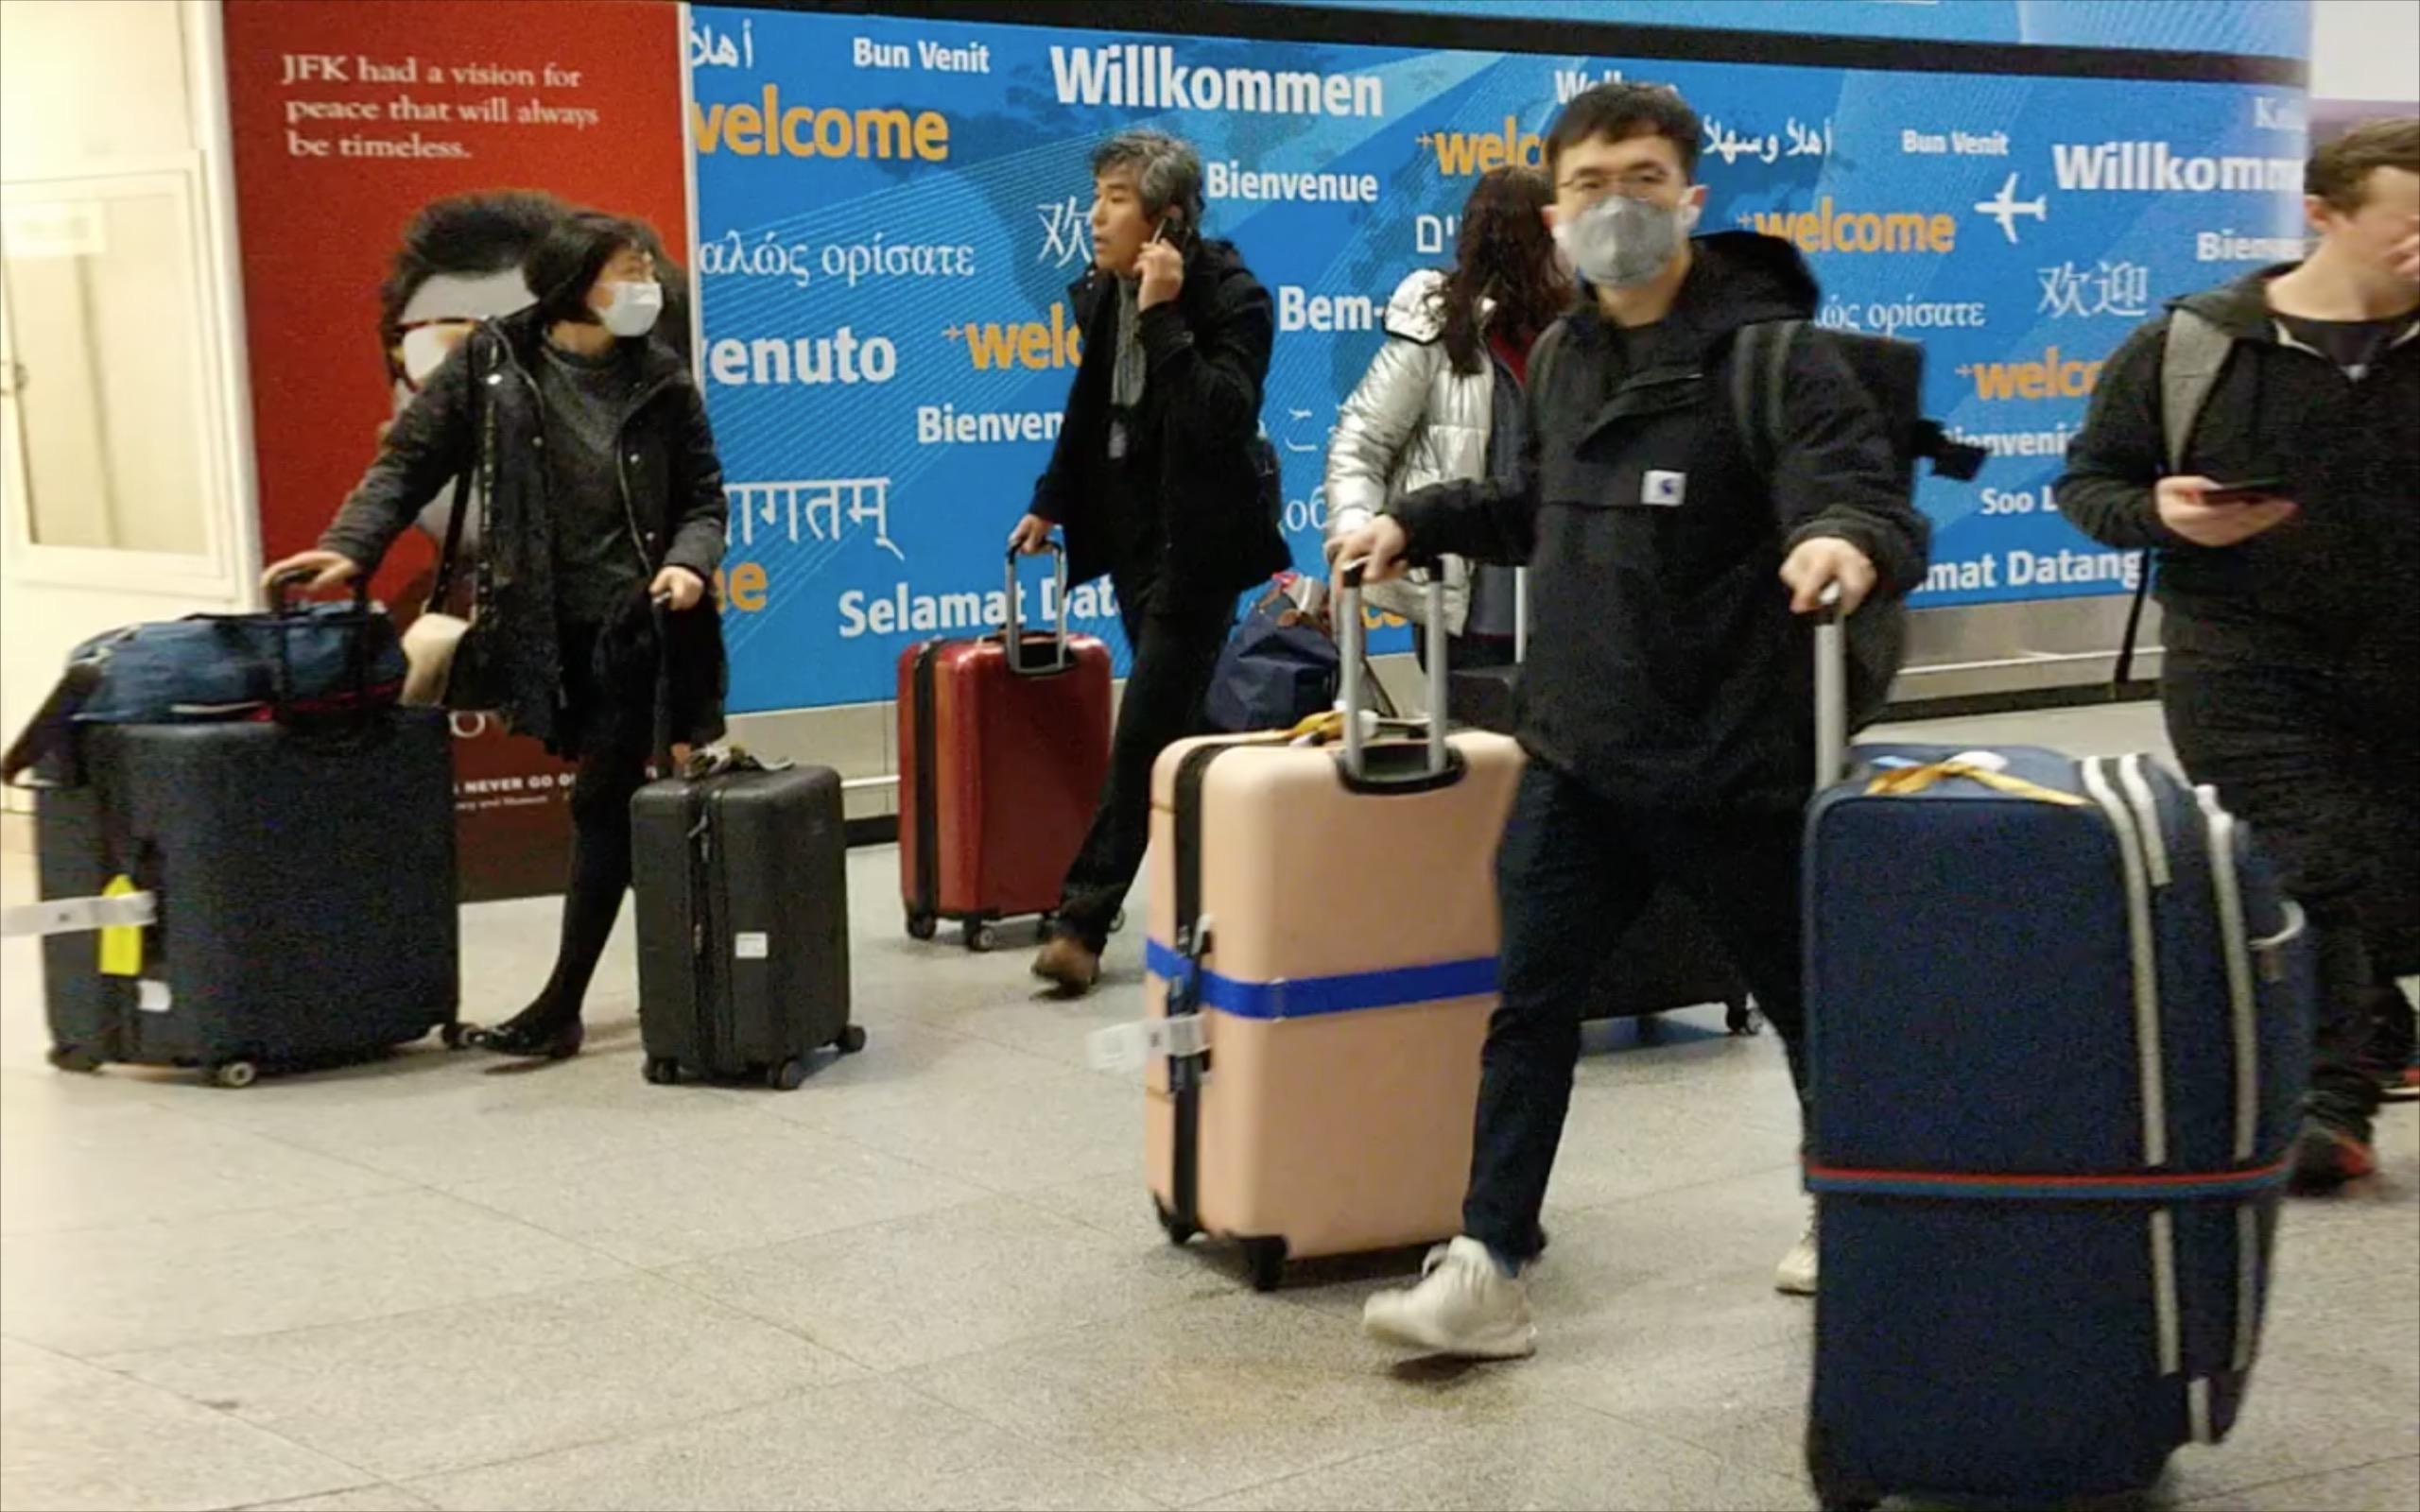 美入境限制新規實施首日 至少1外國人被拒